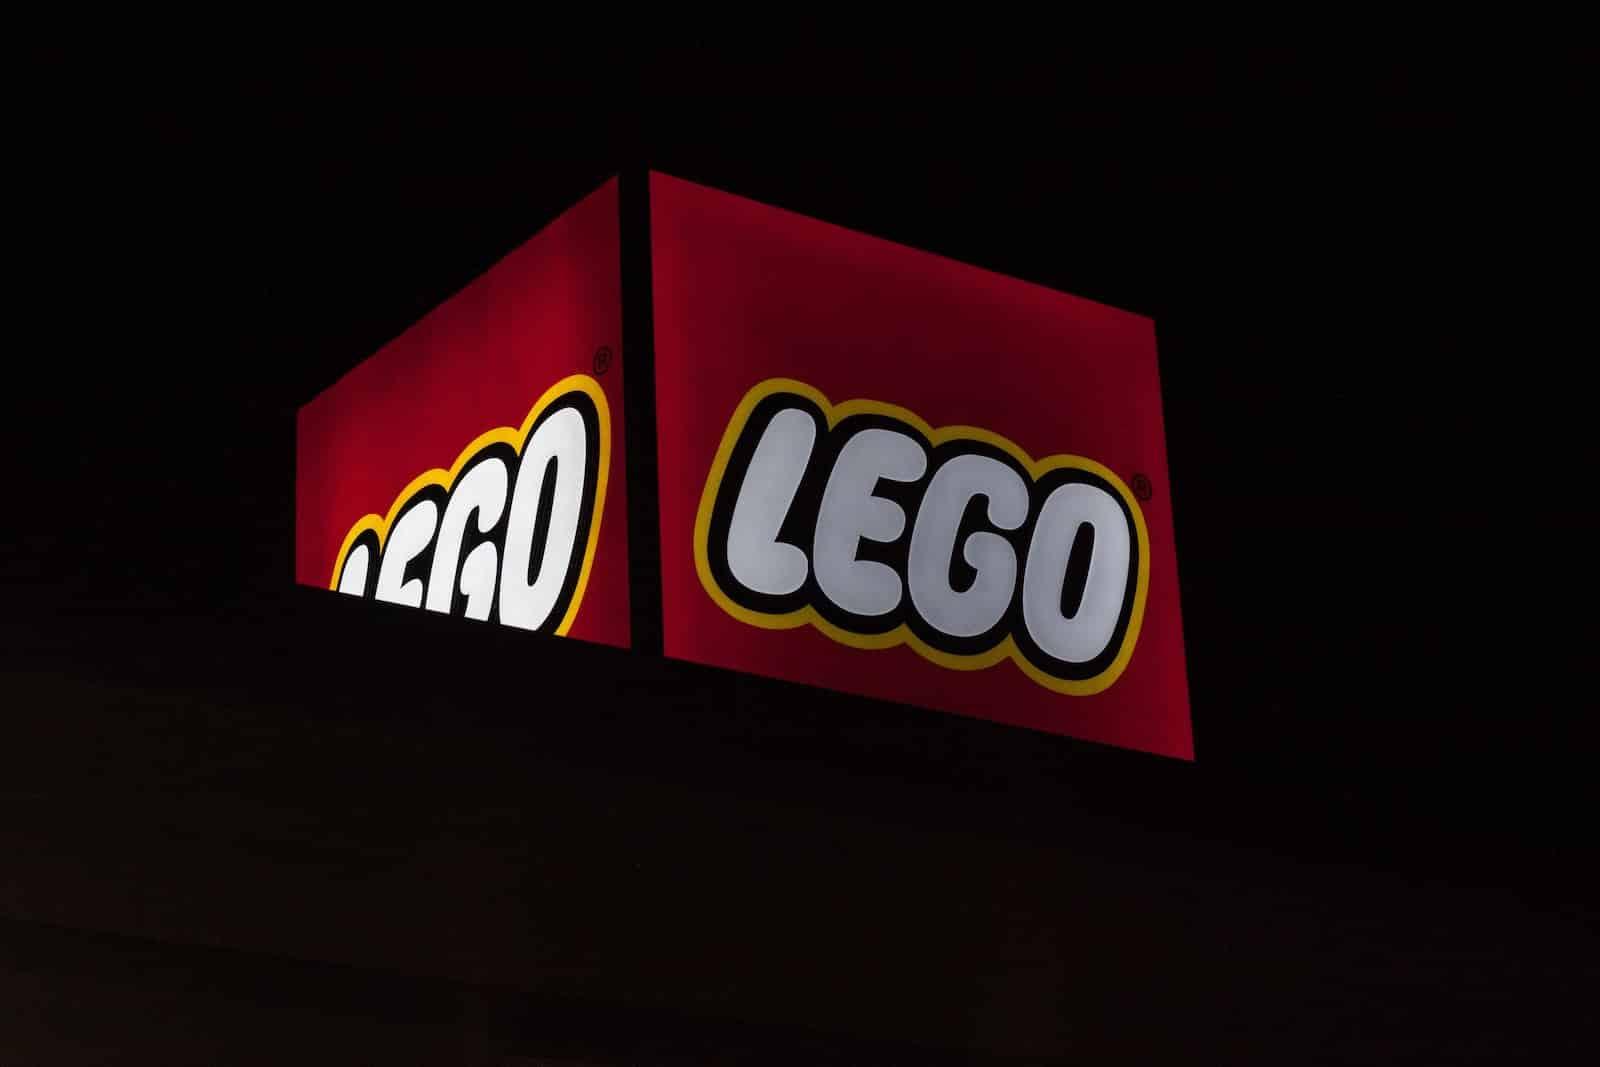 Il logo della Lego